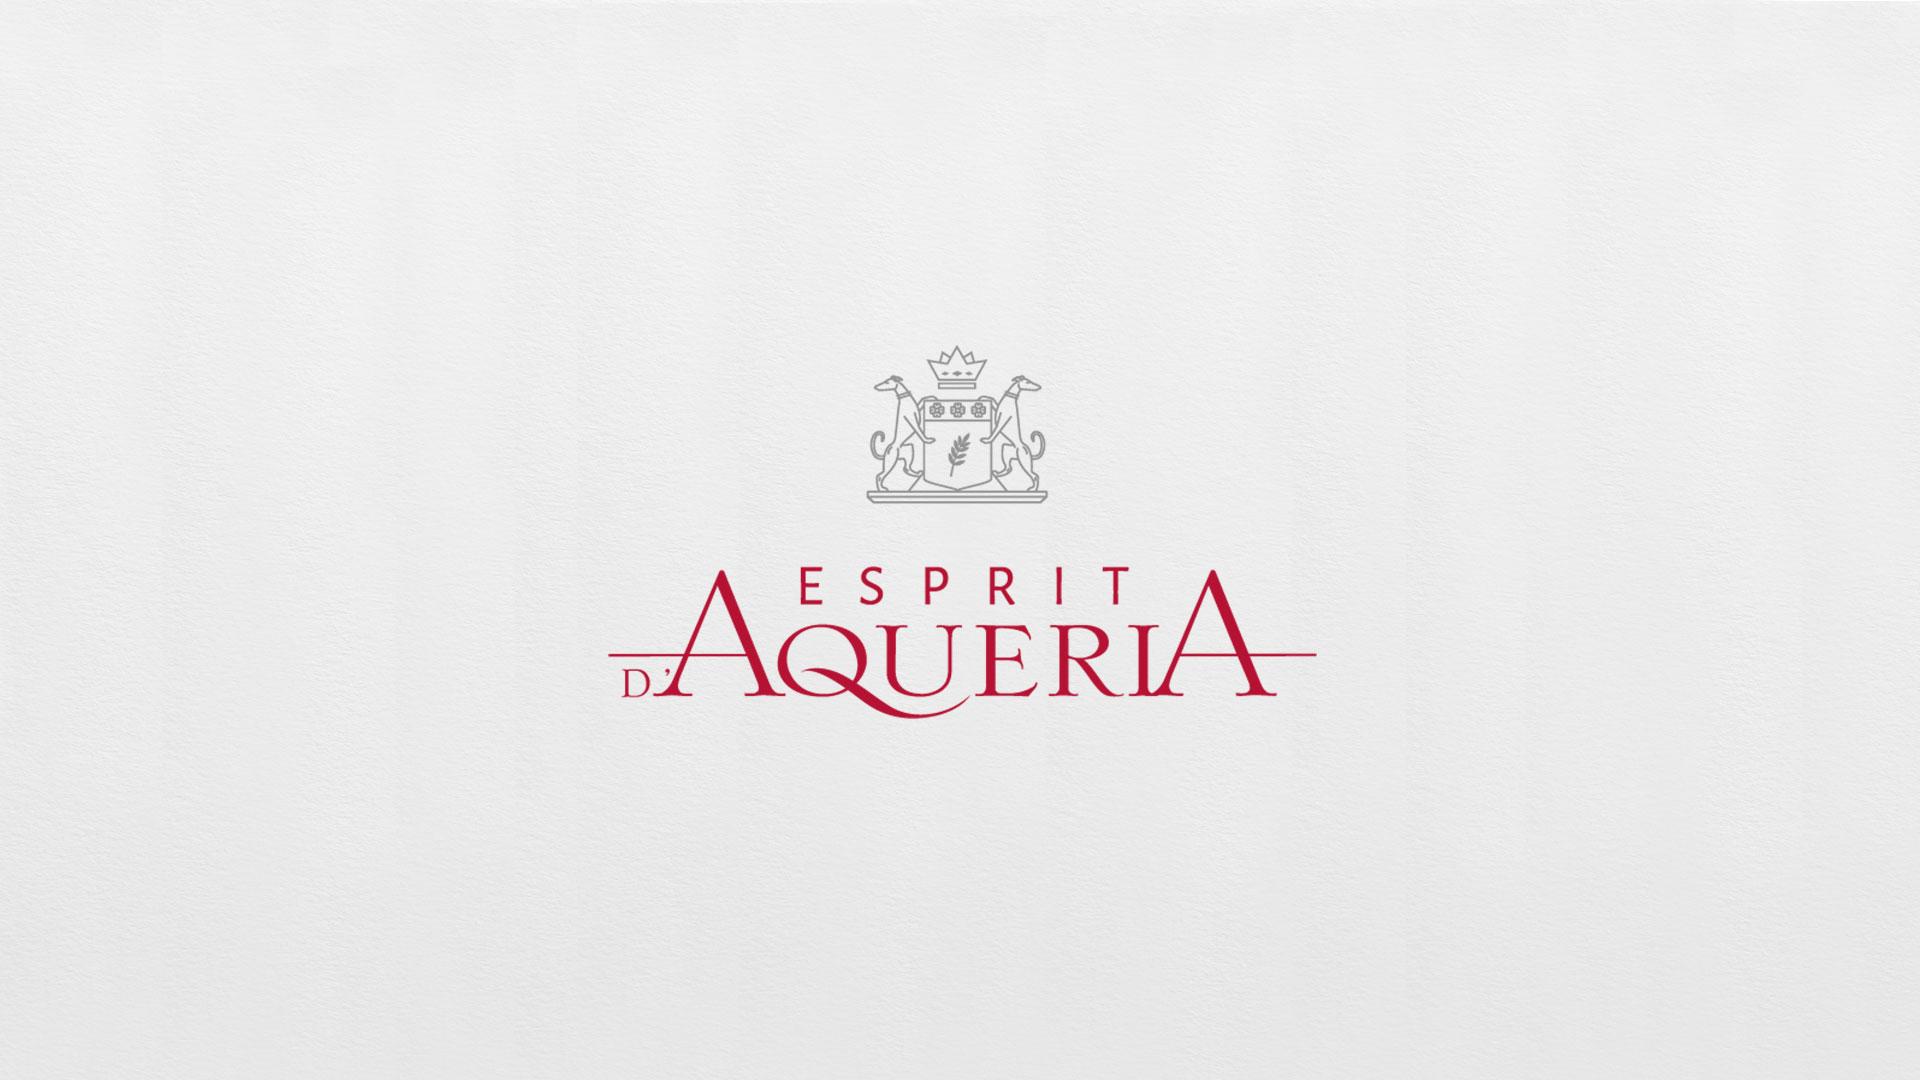 logo esprit d'Aqueria avignon